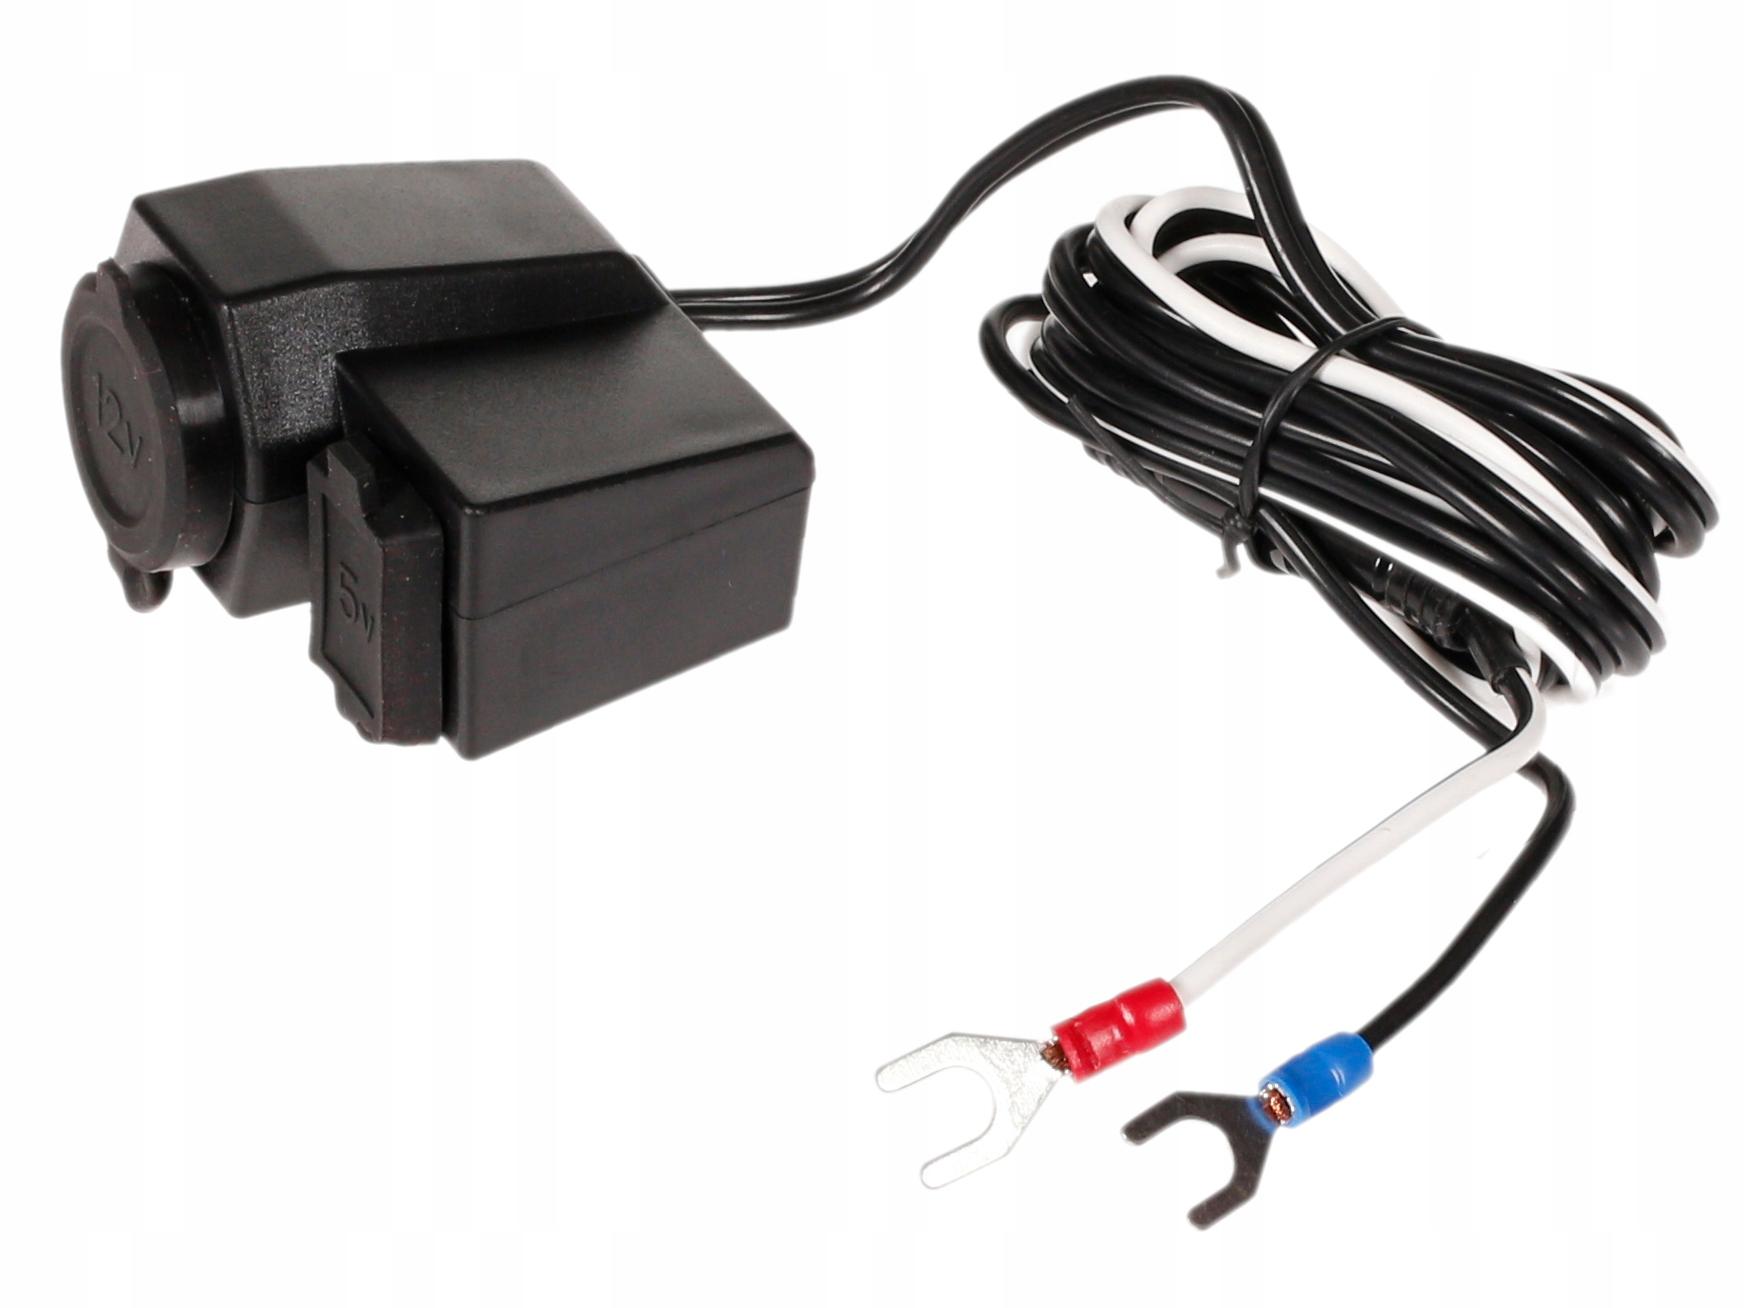 Мотоцикл прикуривателя с USB 2,1 А изображение 11